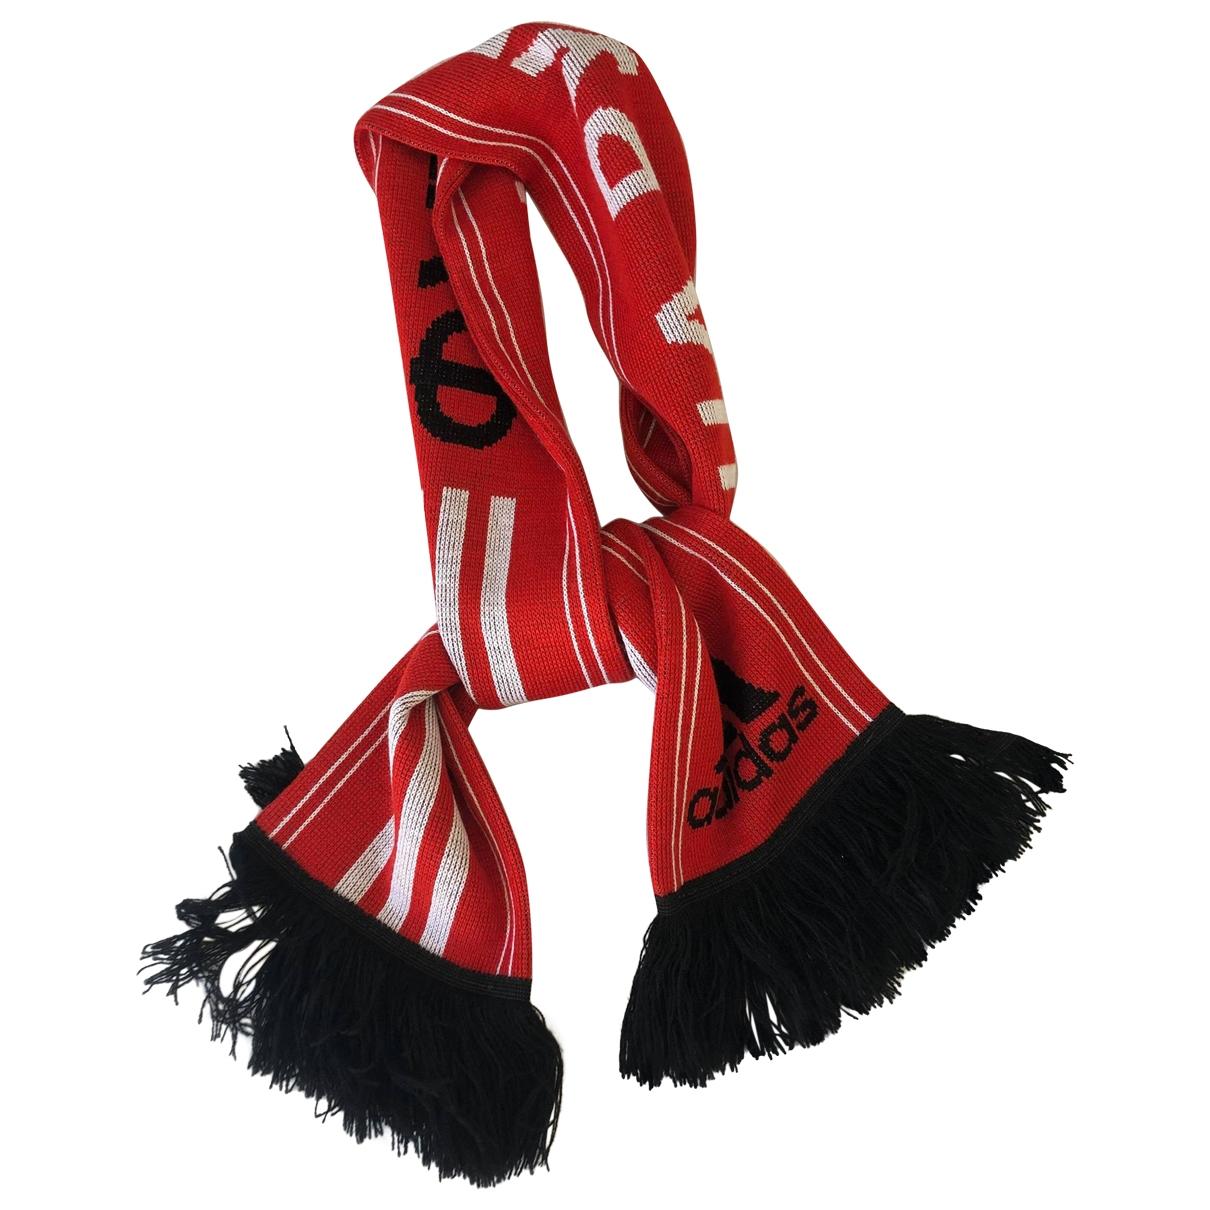 Pañuelo / bufanda Adidas X Gosha Rubchinskiy